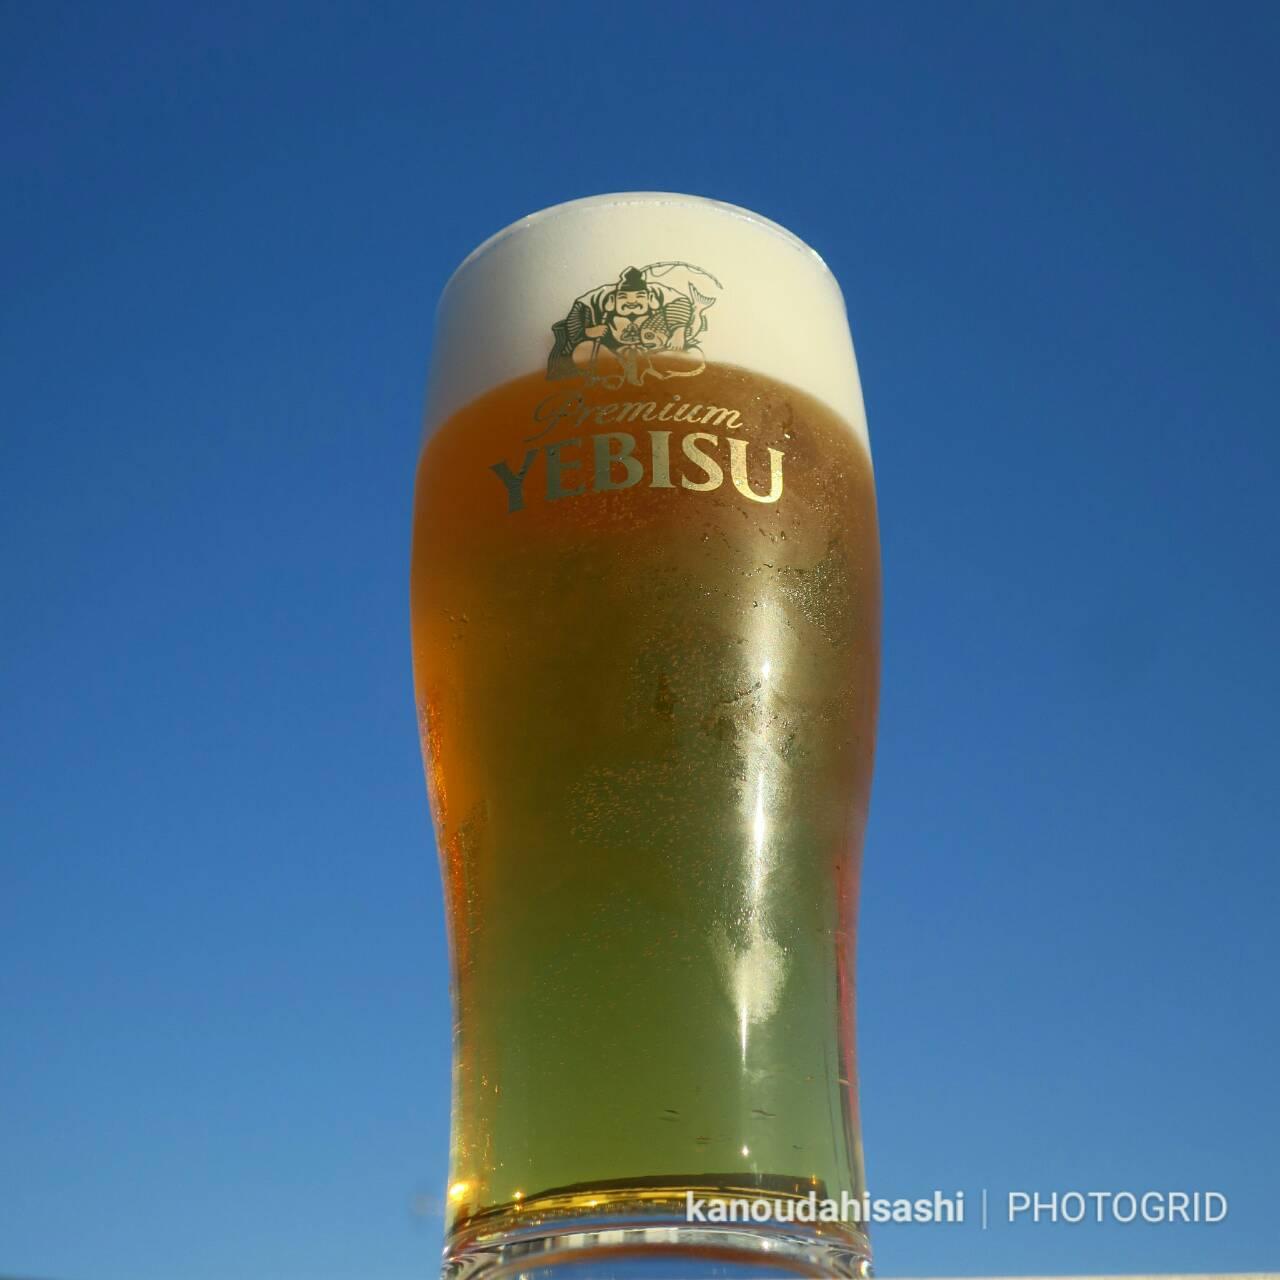 生ビール、冷えてます ♪page-visual 生ビール、冷えてます ♪ビジュアル